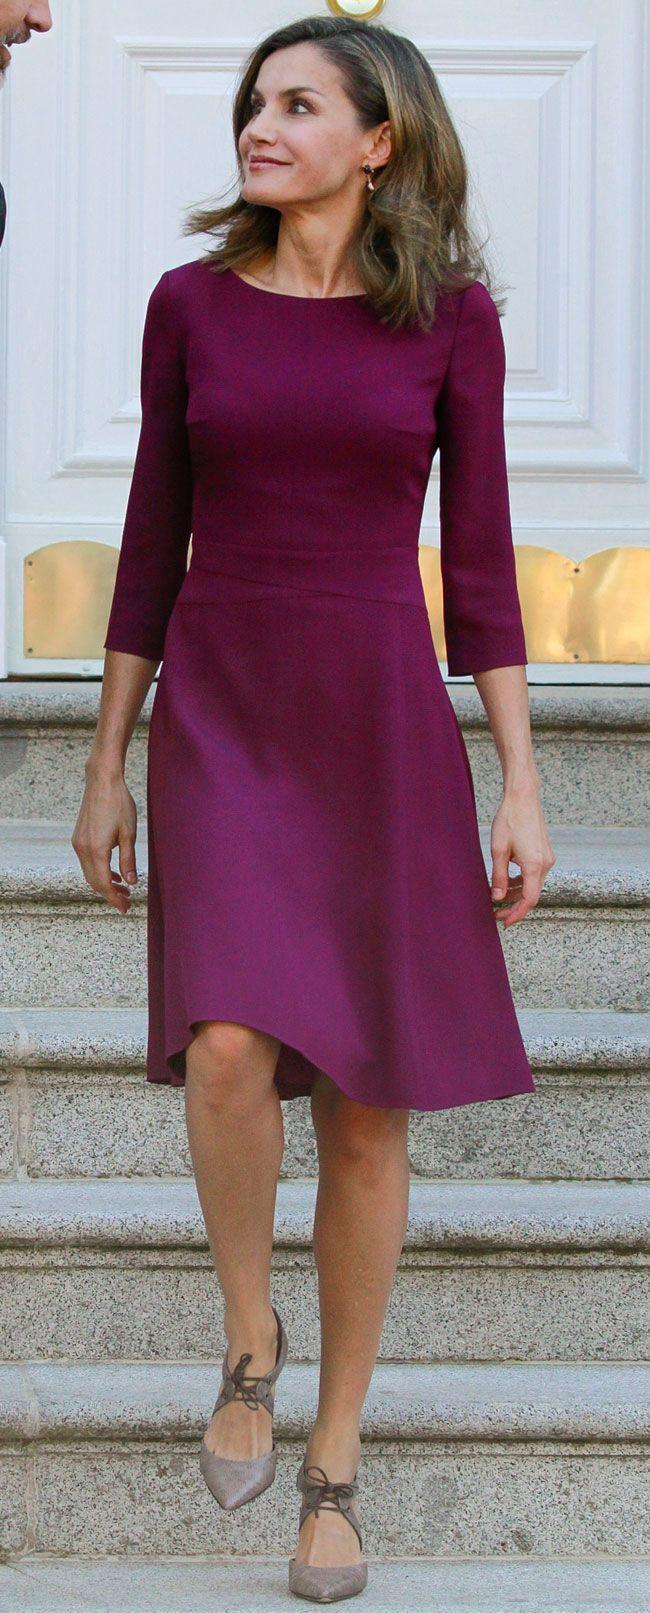 Pin de R B K H DESIGN en Vestidos | Pinterest | Vestiditos, Reinas y ...